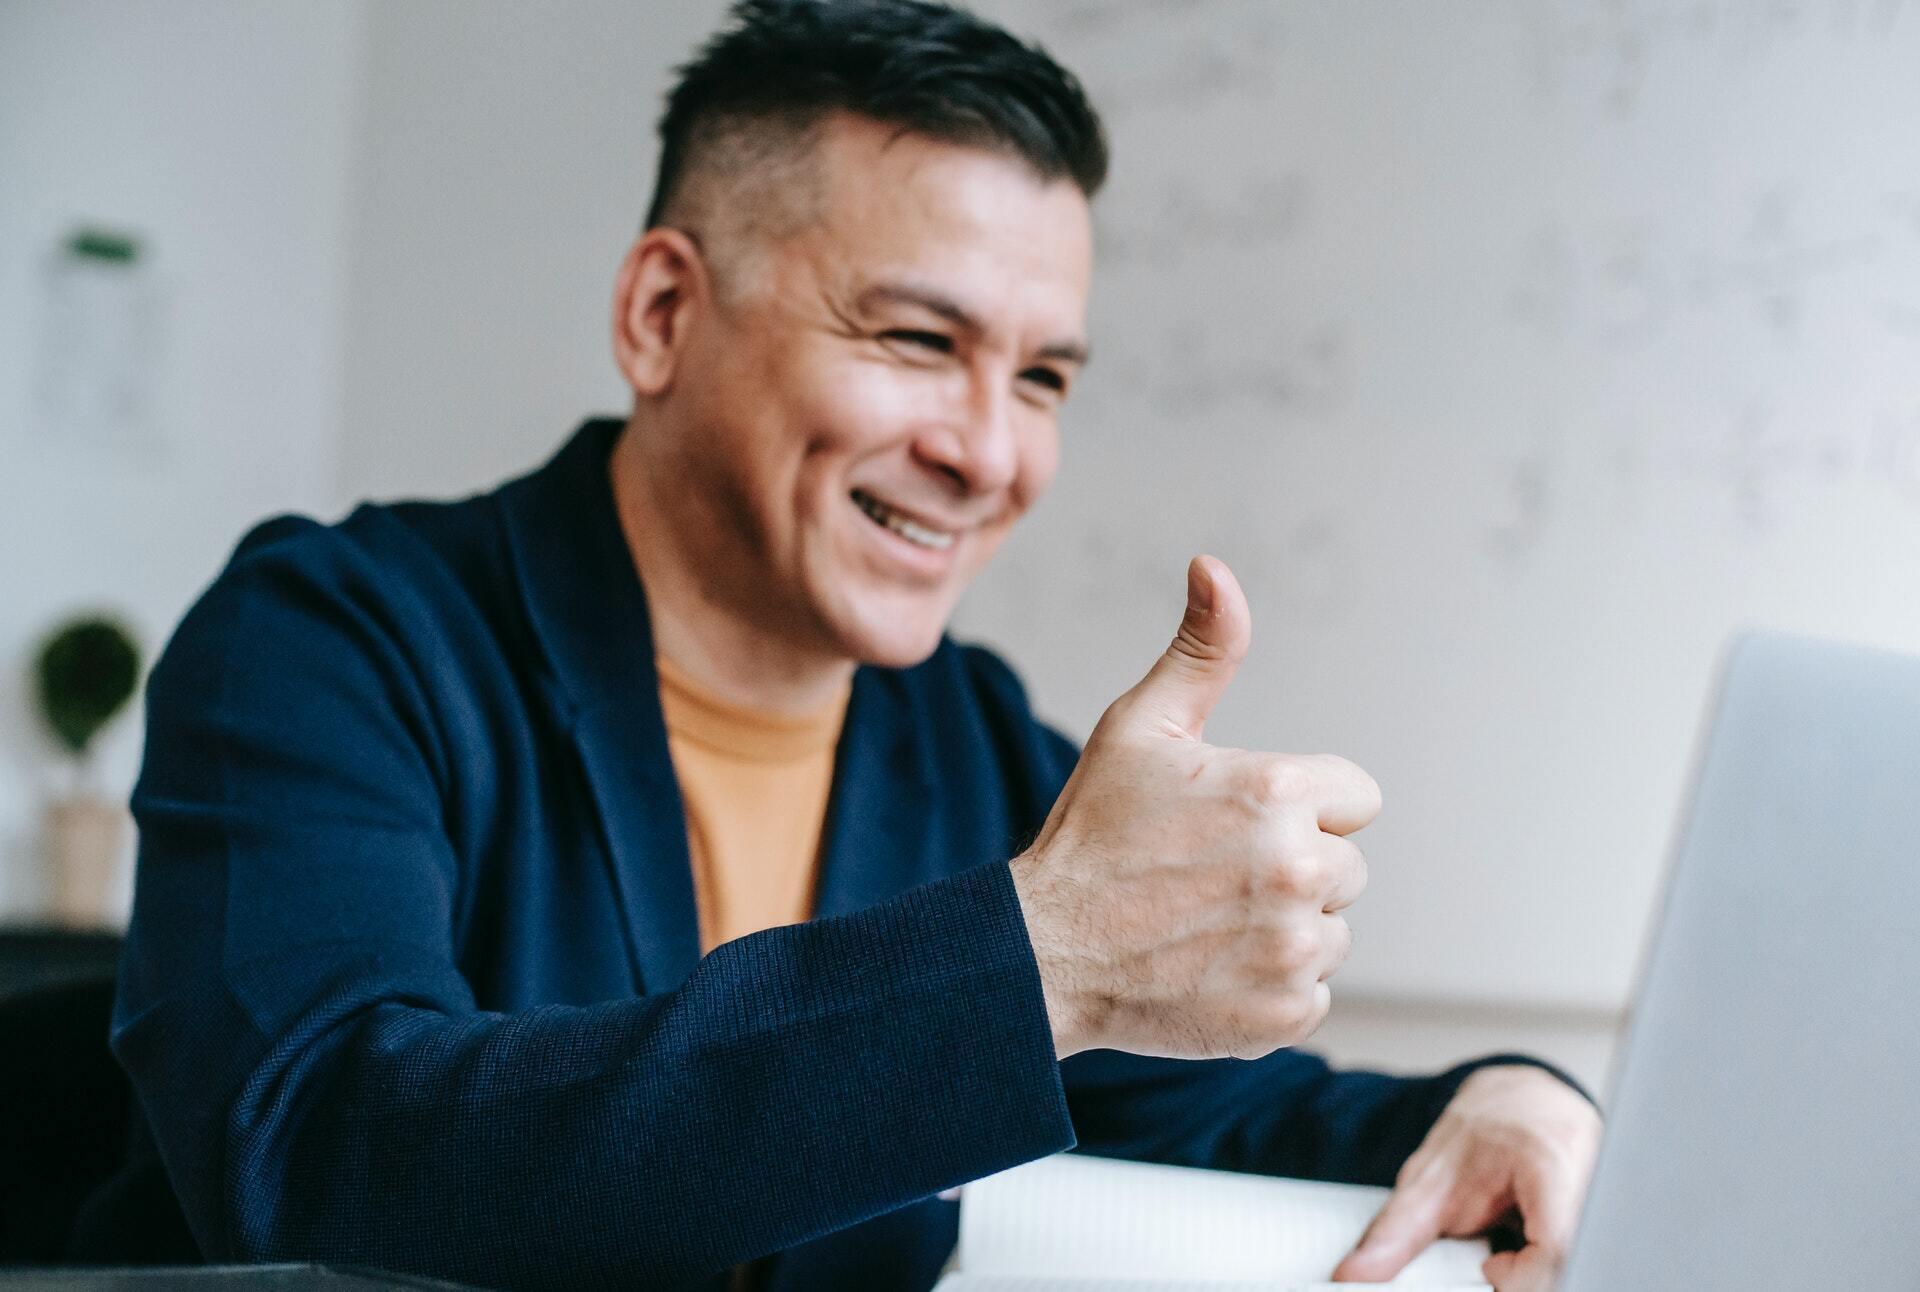 Un profesor hace con la mano el señal de OK durante una clase virtual